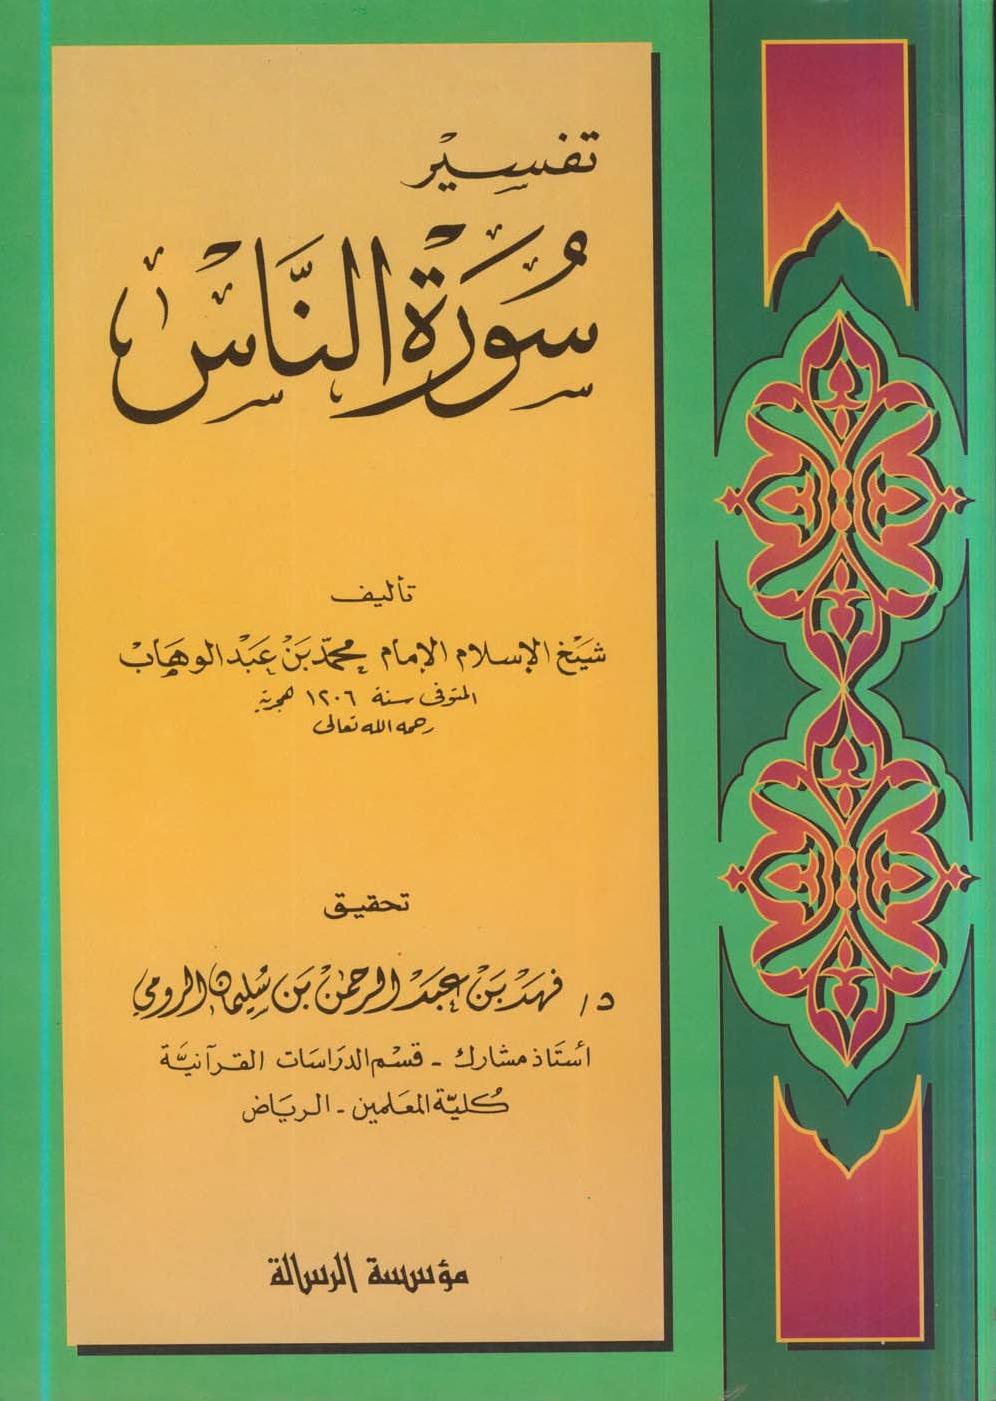 تحميل كتاب تفسير سورة الناس (محمد بن عبد الوهاب) لـِ: الإمام محمد بن عبد الوهاب بن سليمان آل مشرف التميمي (ت 1206)